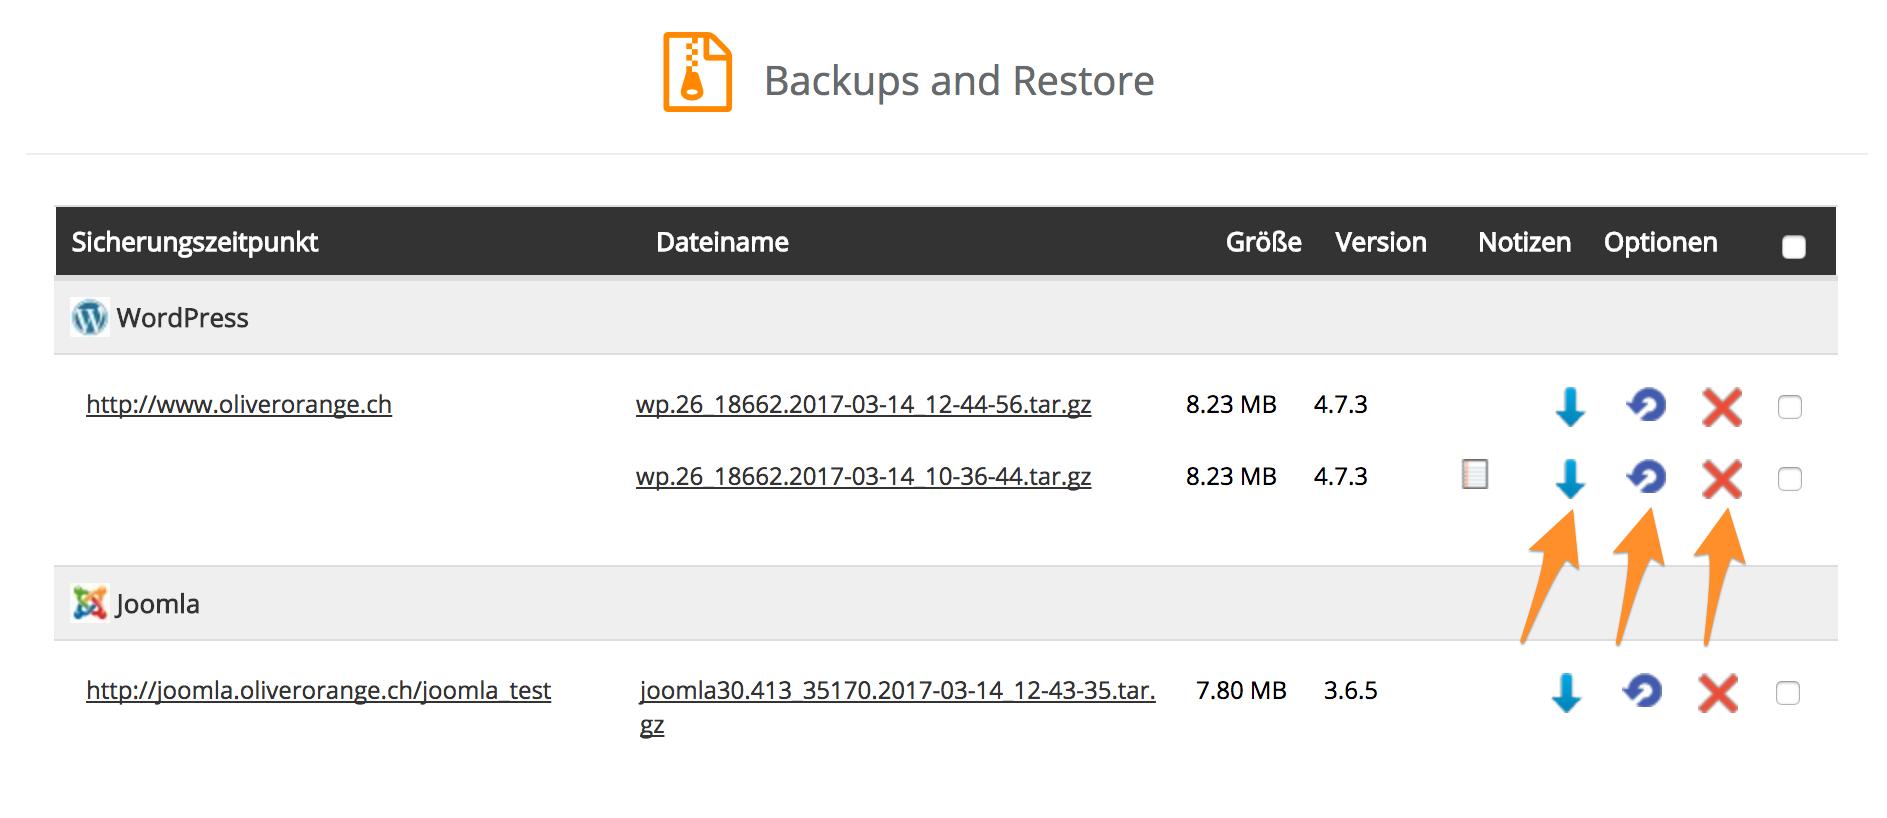 Aktionen zu den vorhandenen Backups